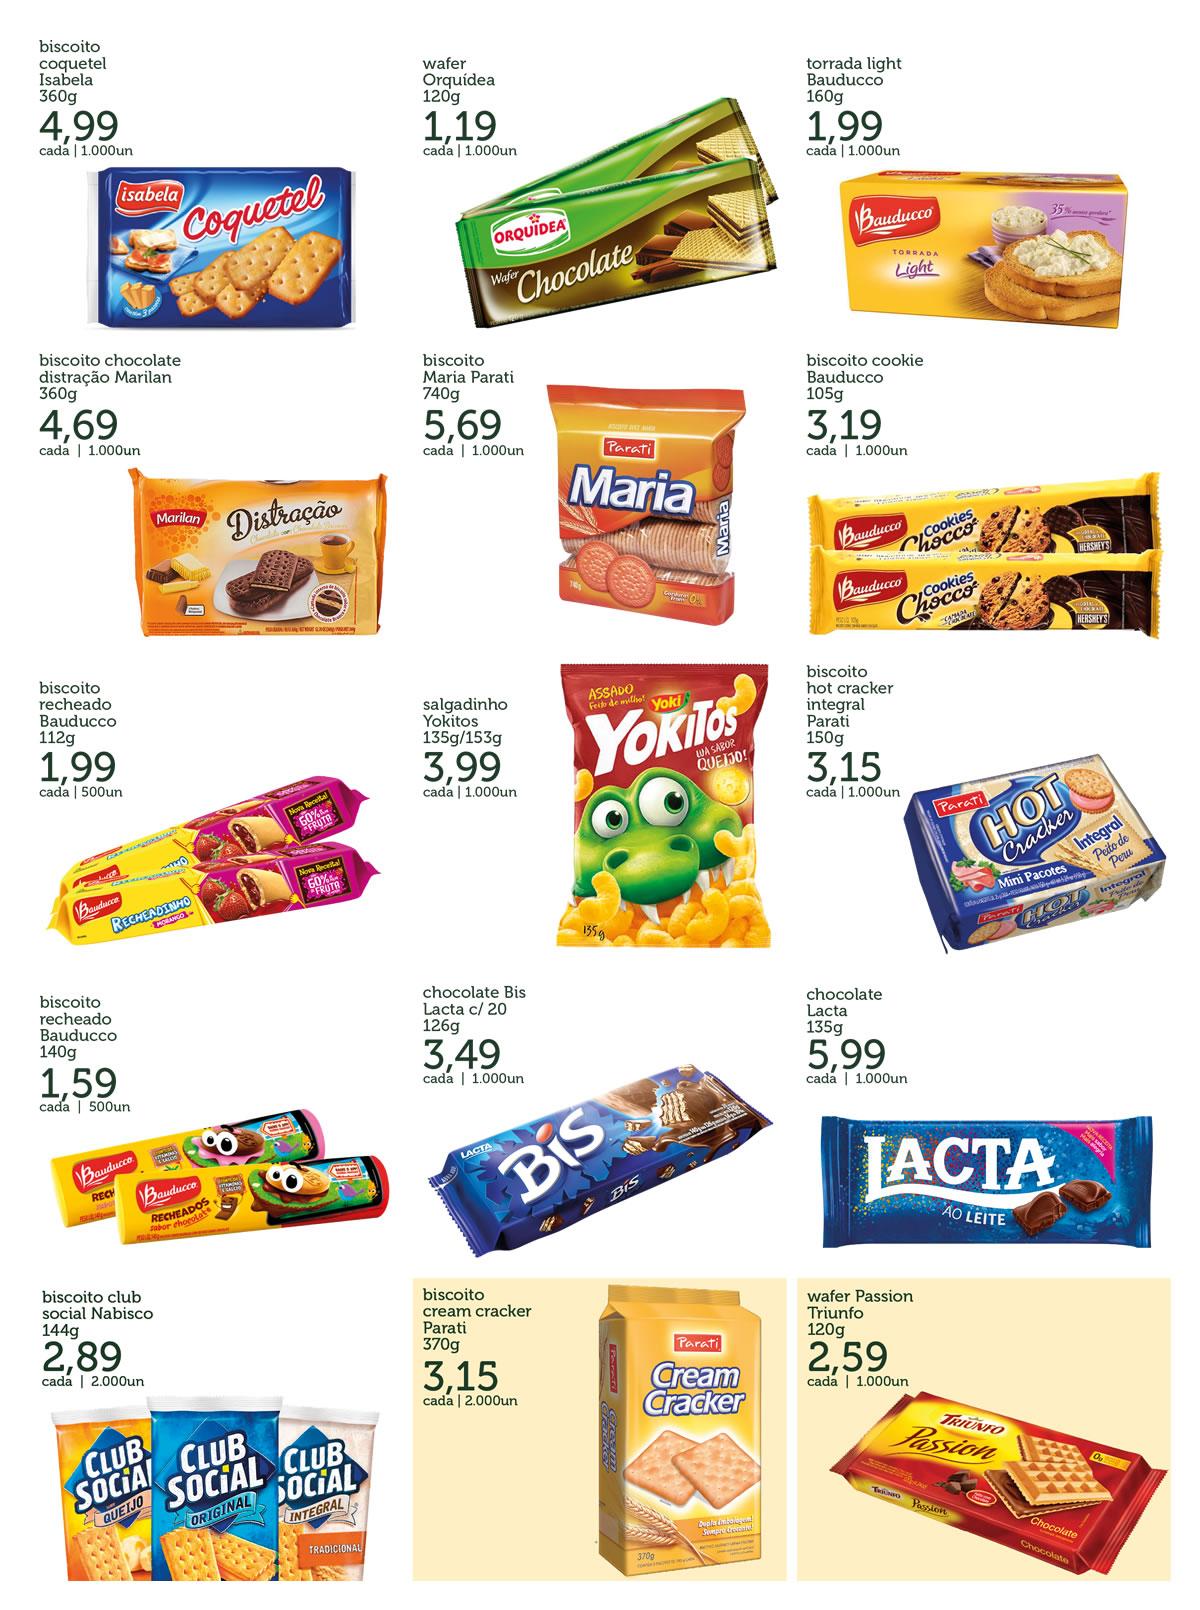 caita_supermercados_tabloide_junho2018_joacaba10